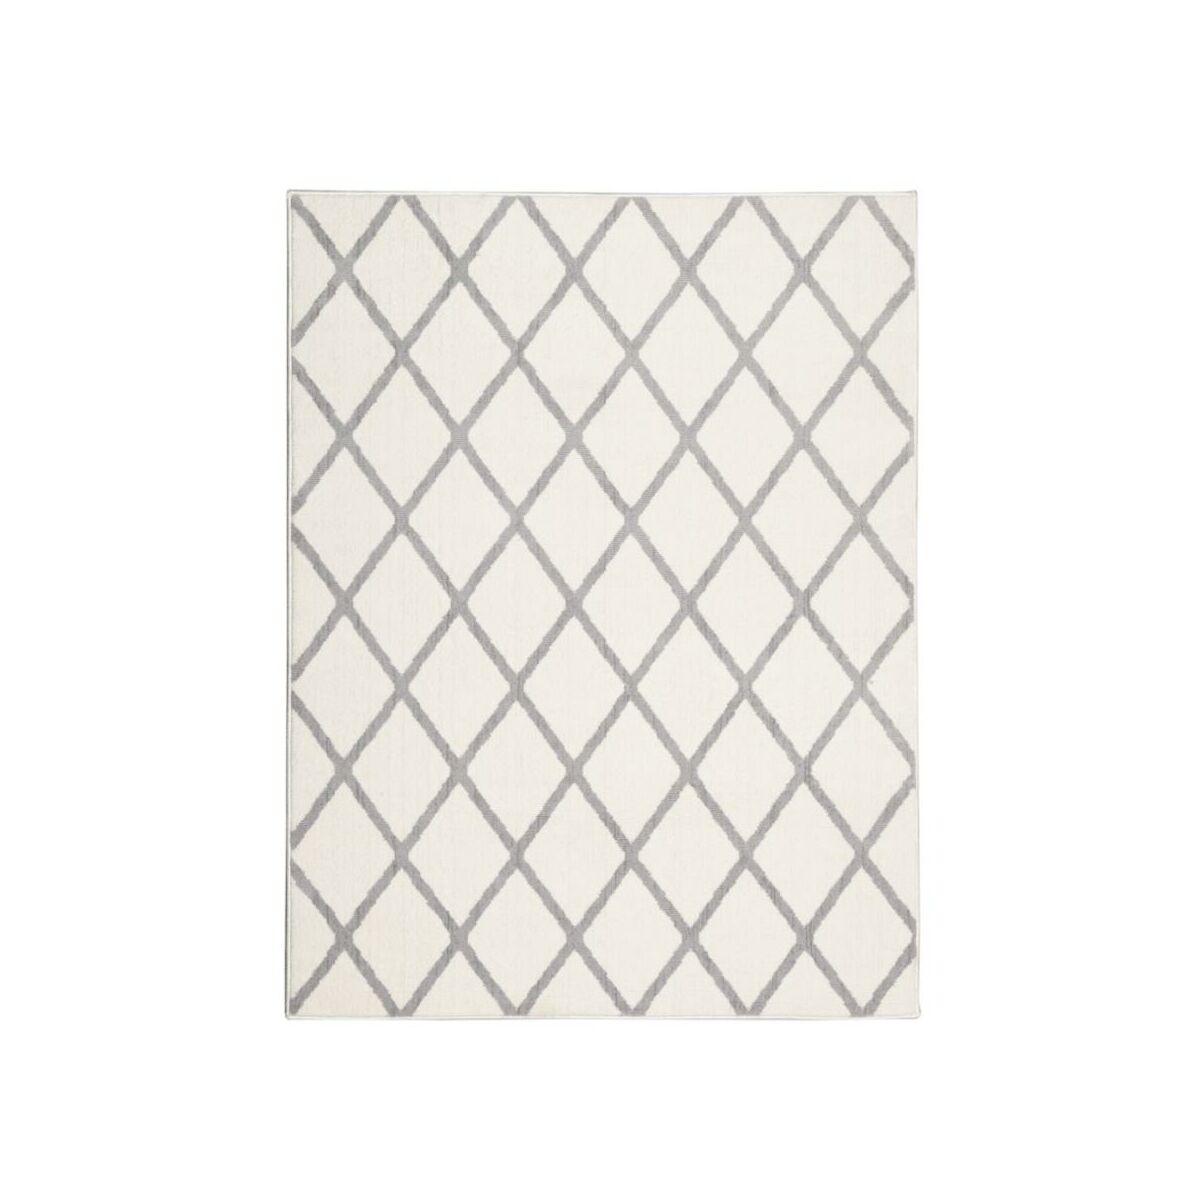 Dywan VISTA biały 160 x 220 cm Dywany wewnętrzne w